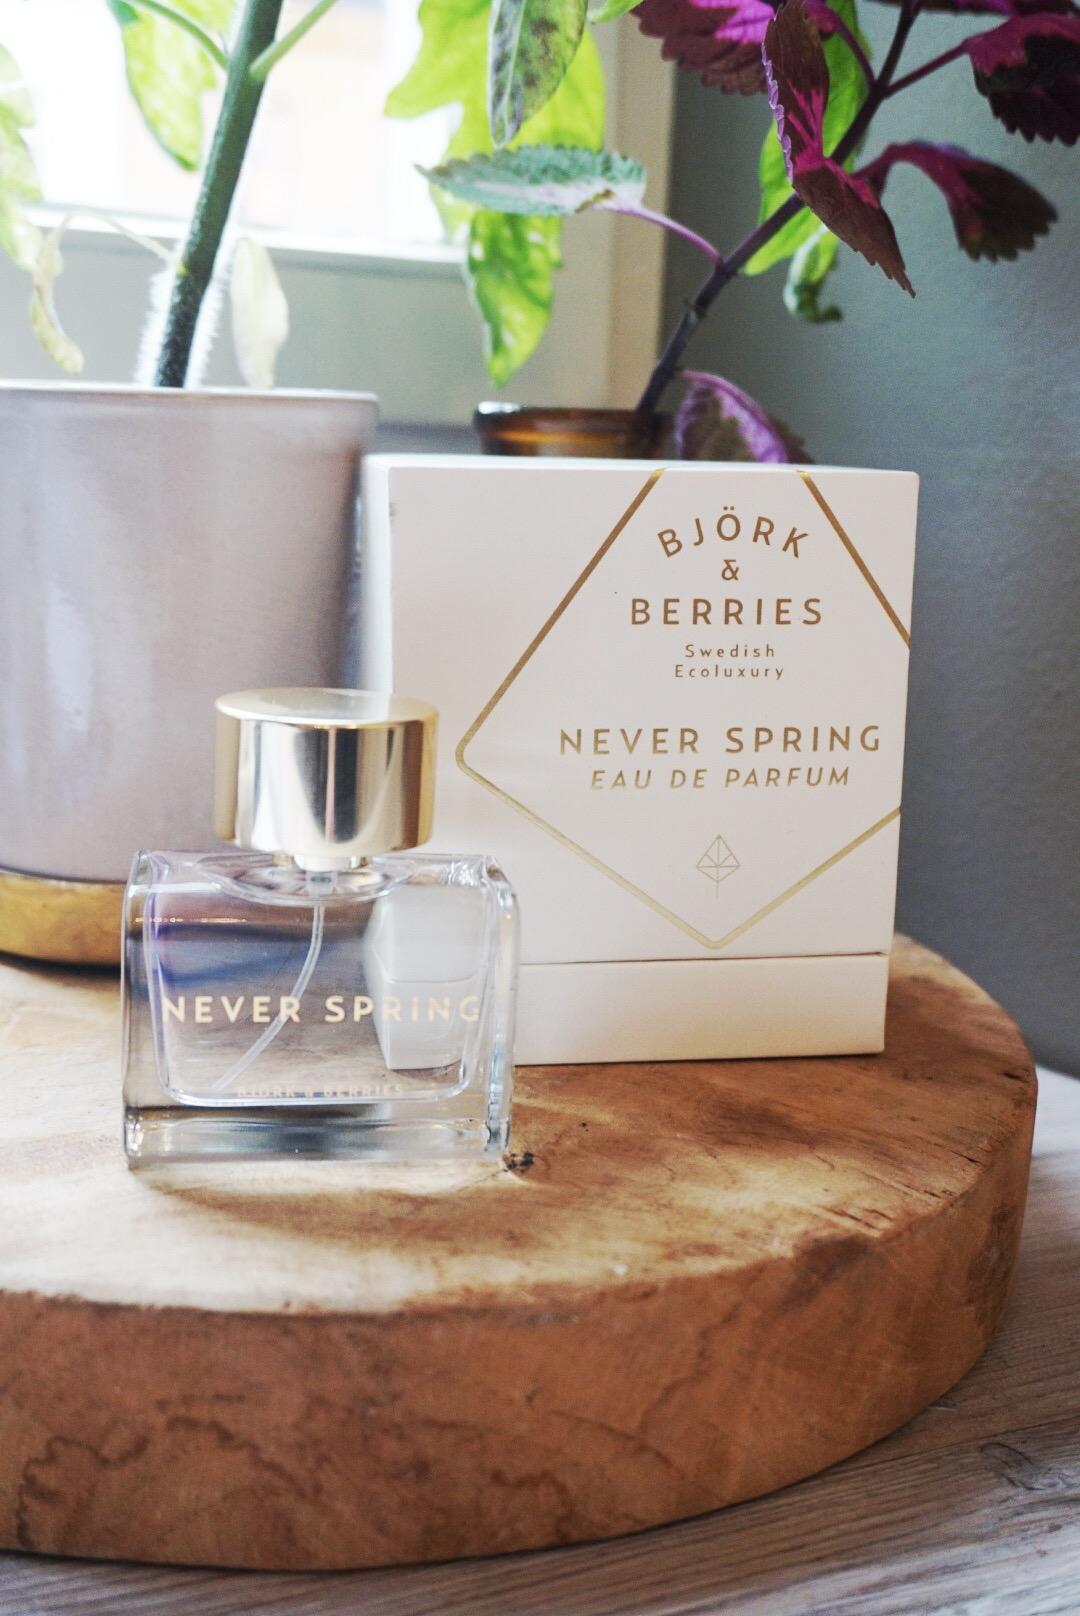 björk & berries parfym